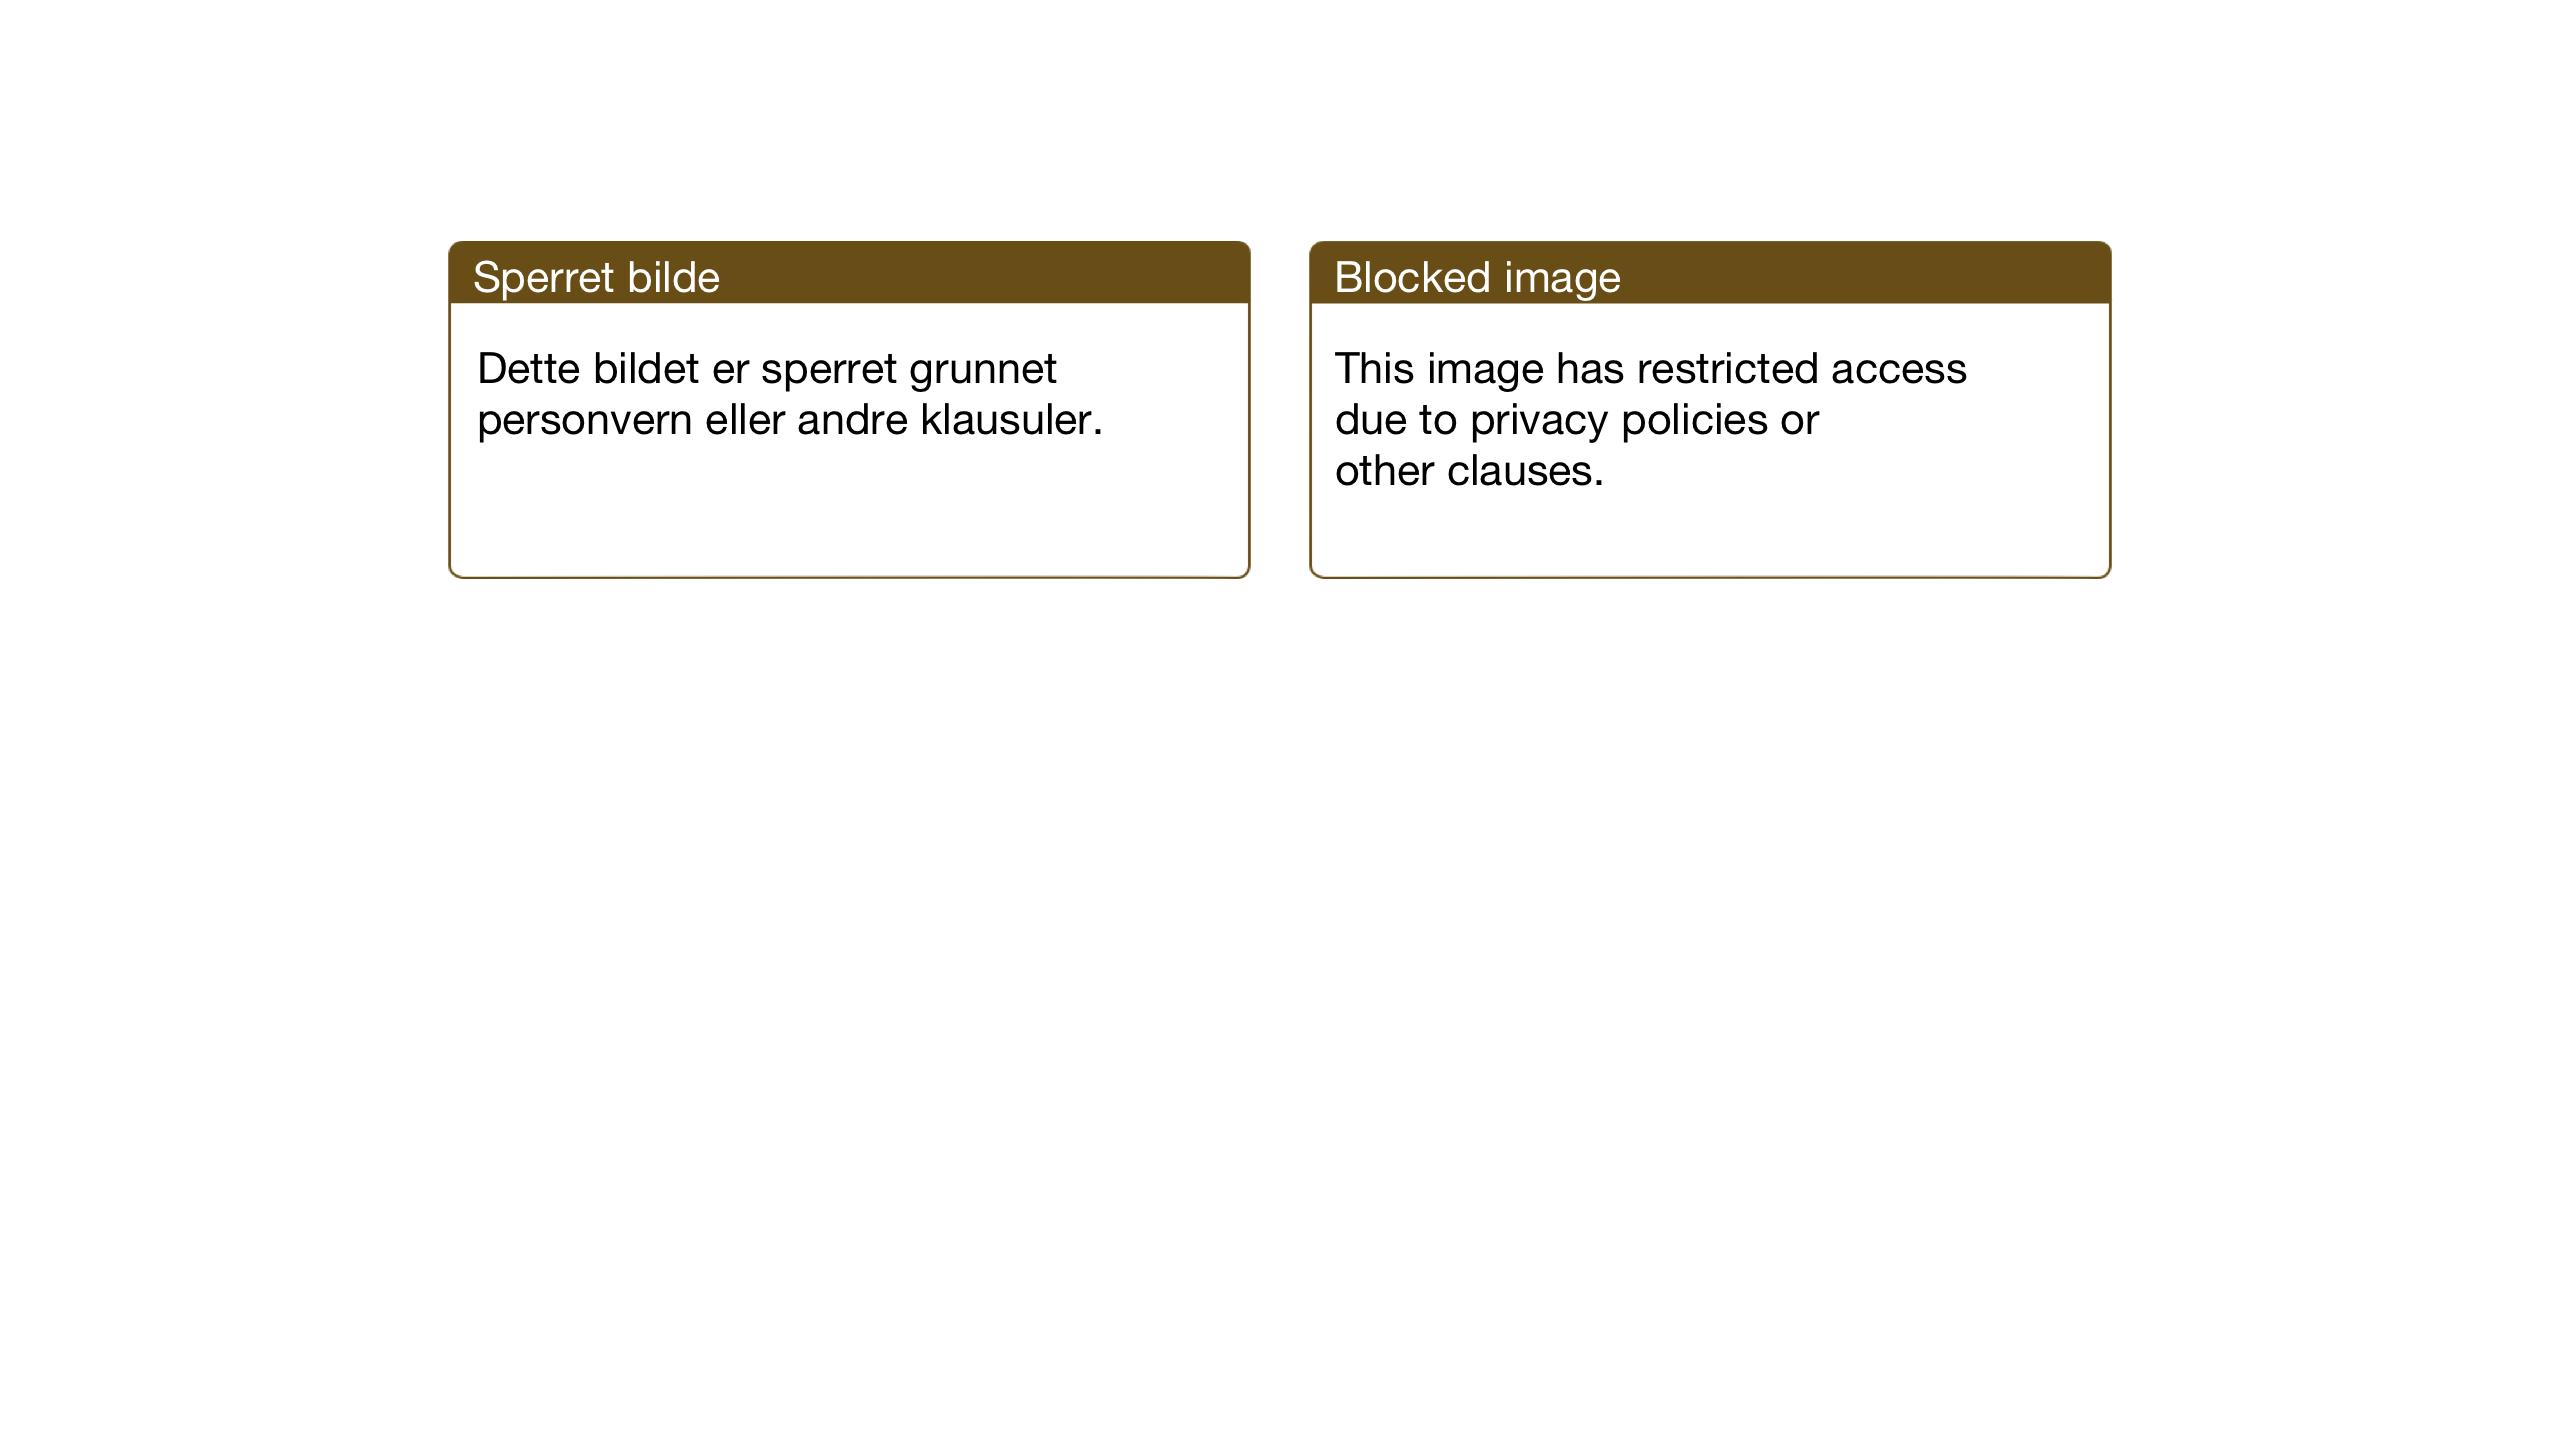 SAT, Ministerialprotokoller, klokkerbøker og fødselsregistre - Sør-Trøndelag, 611/L0357: Klokkerbok nr. 611C05, 1938-1942, s. 14